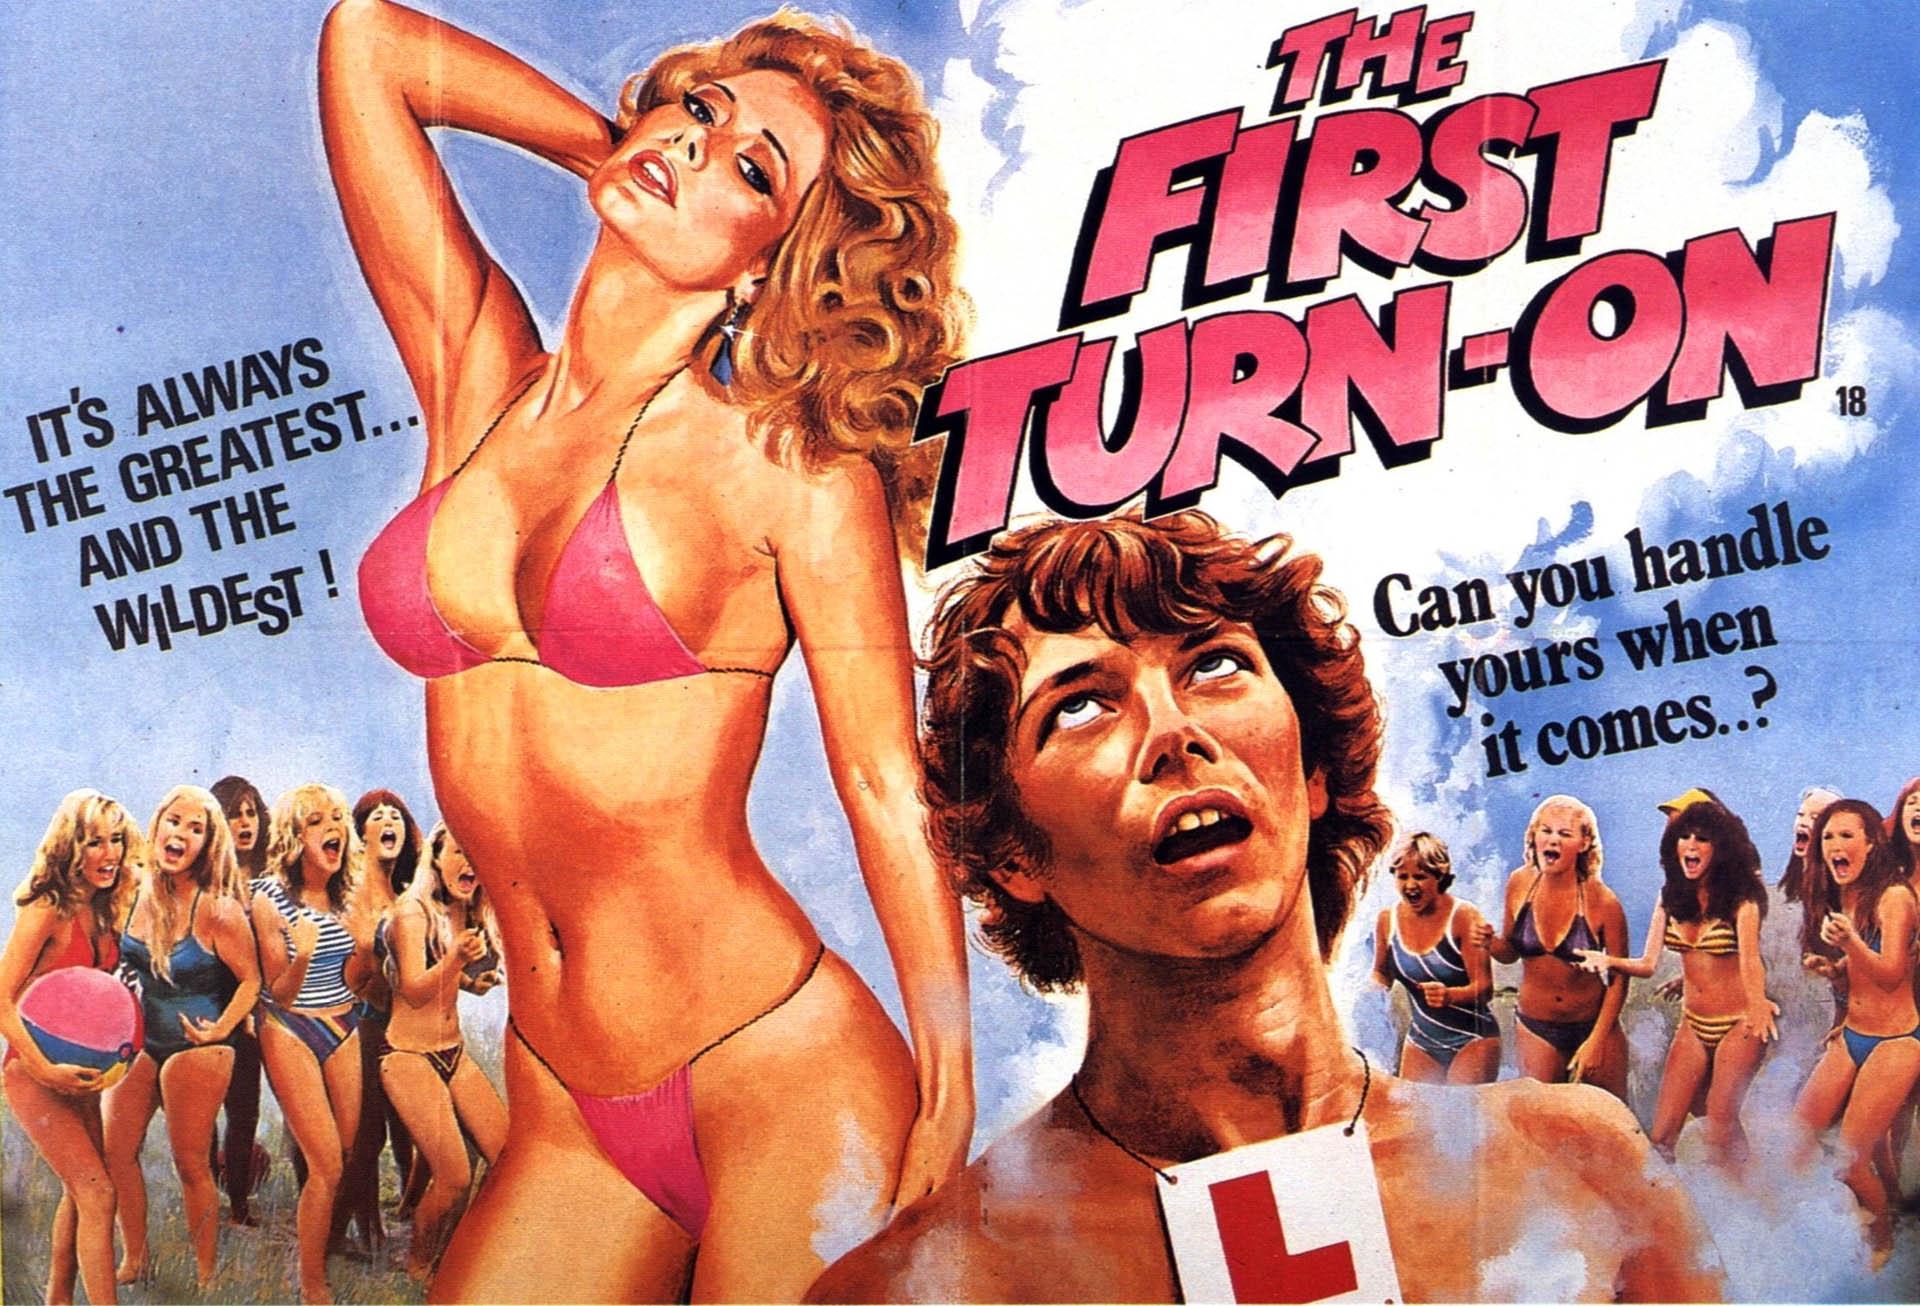 Смотреть онлайн ретро эротические комедии